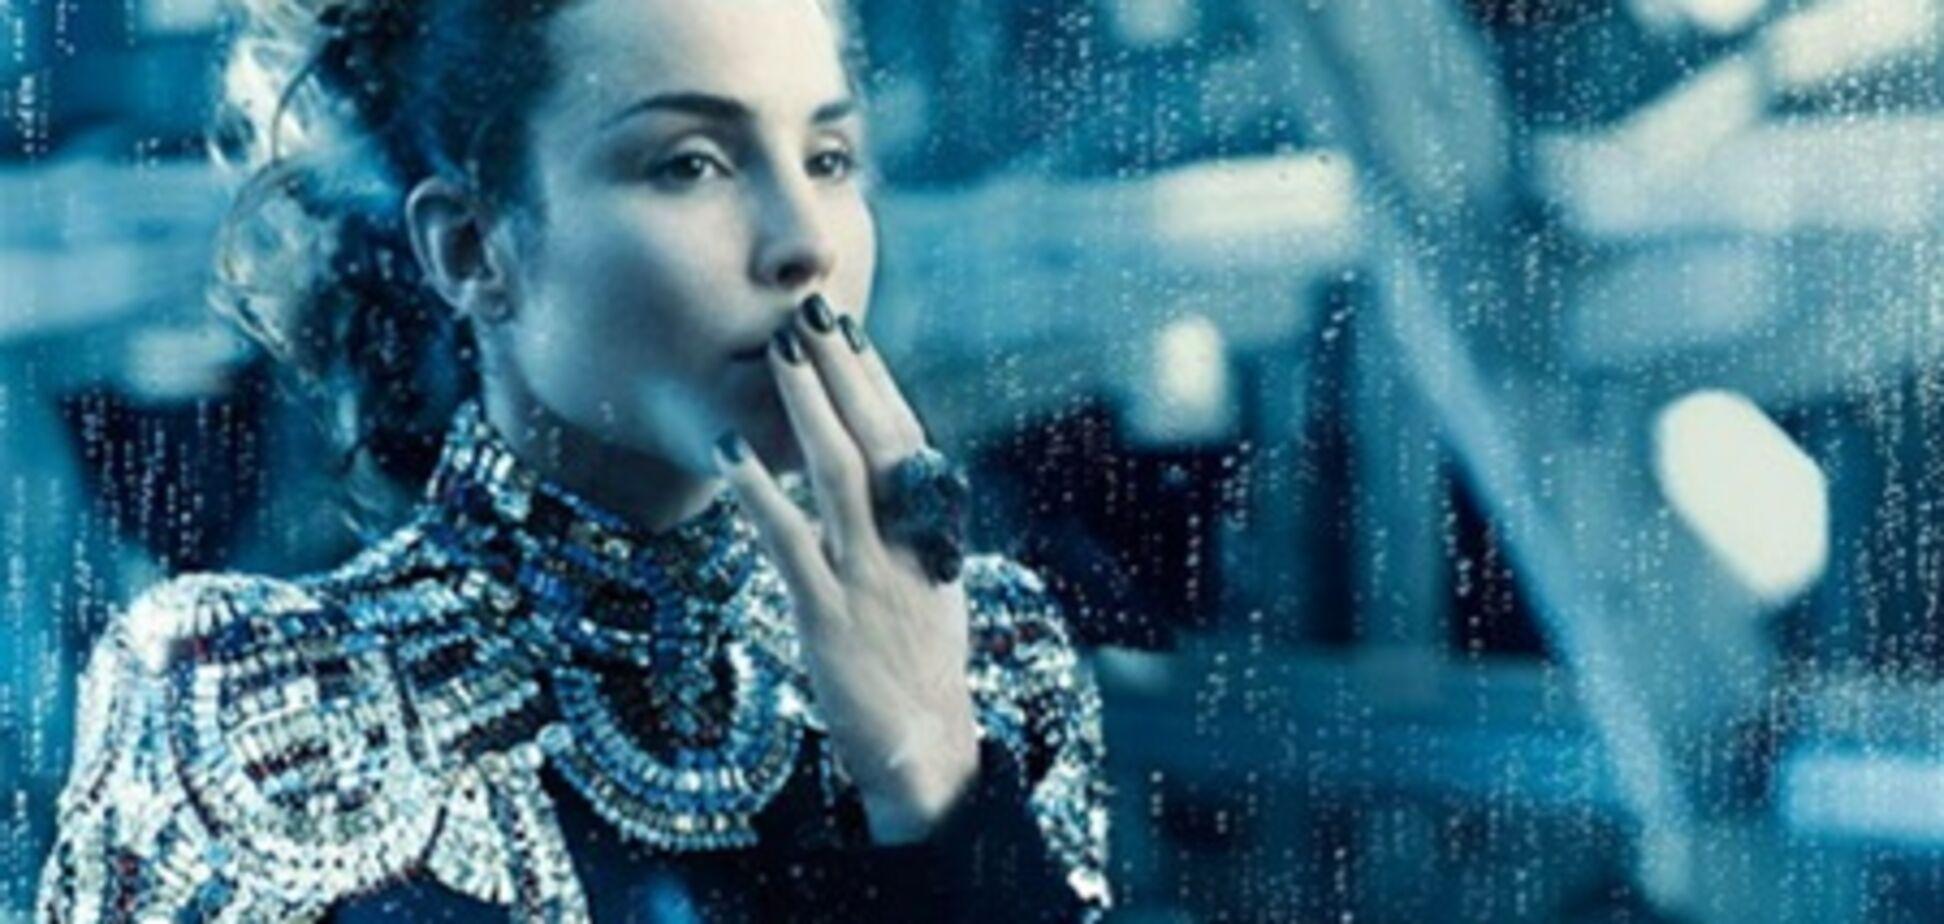 Нуми Рапас в Vogue: суровая красота из Швеции